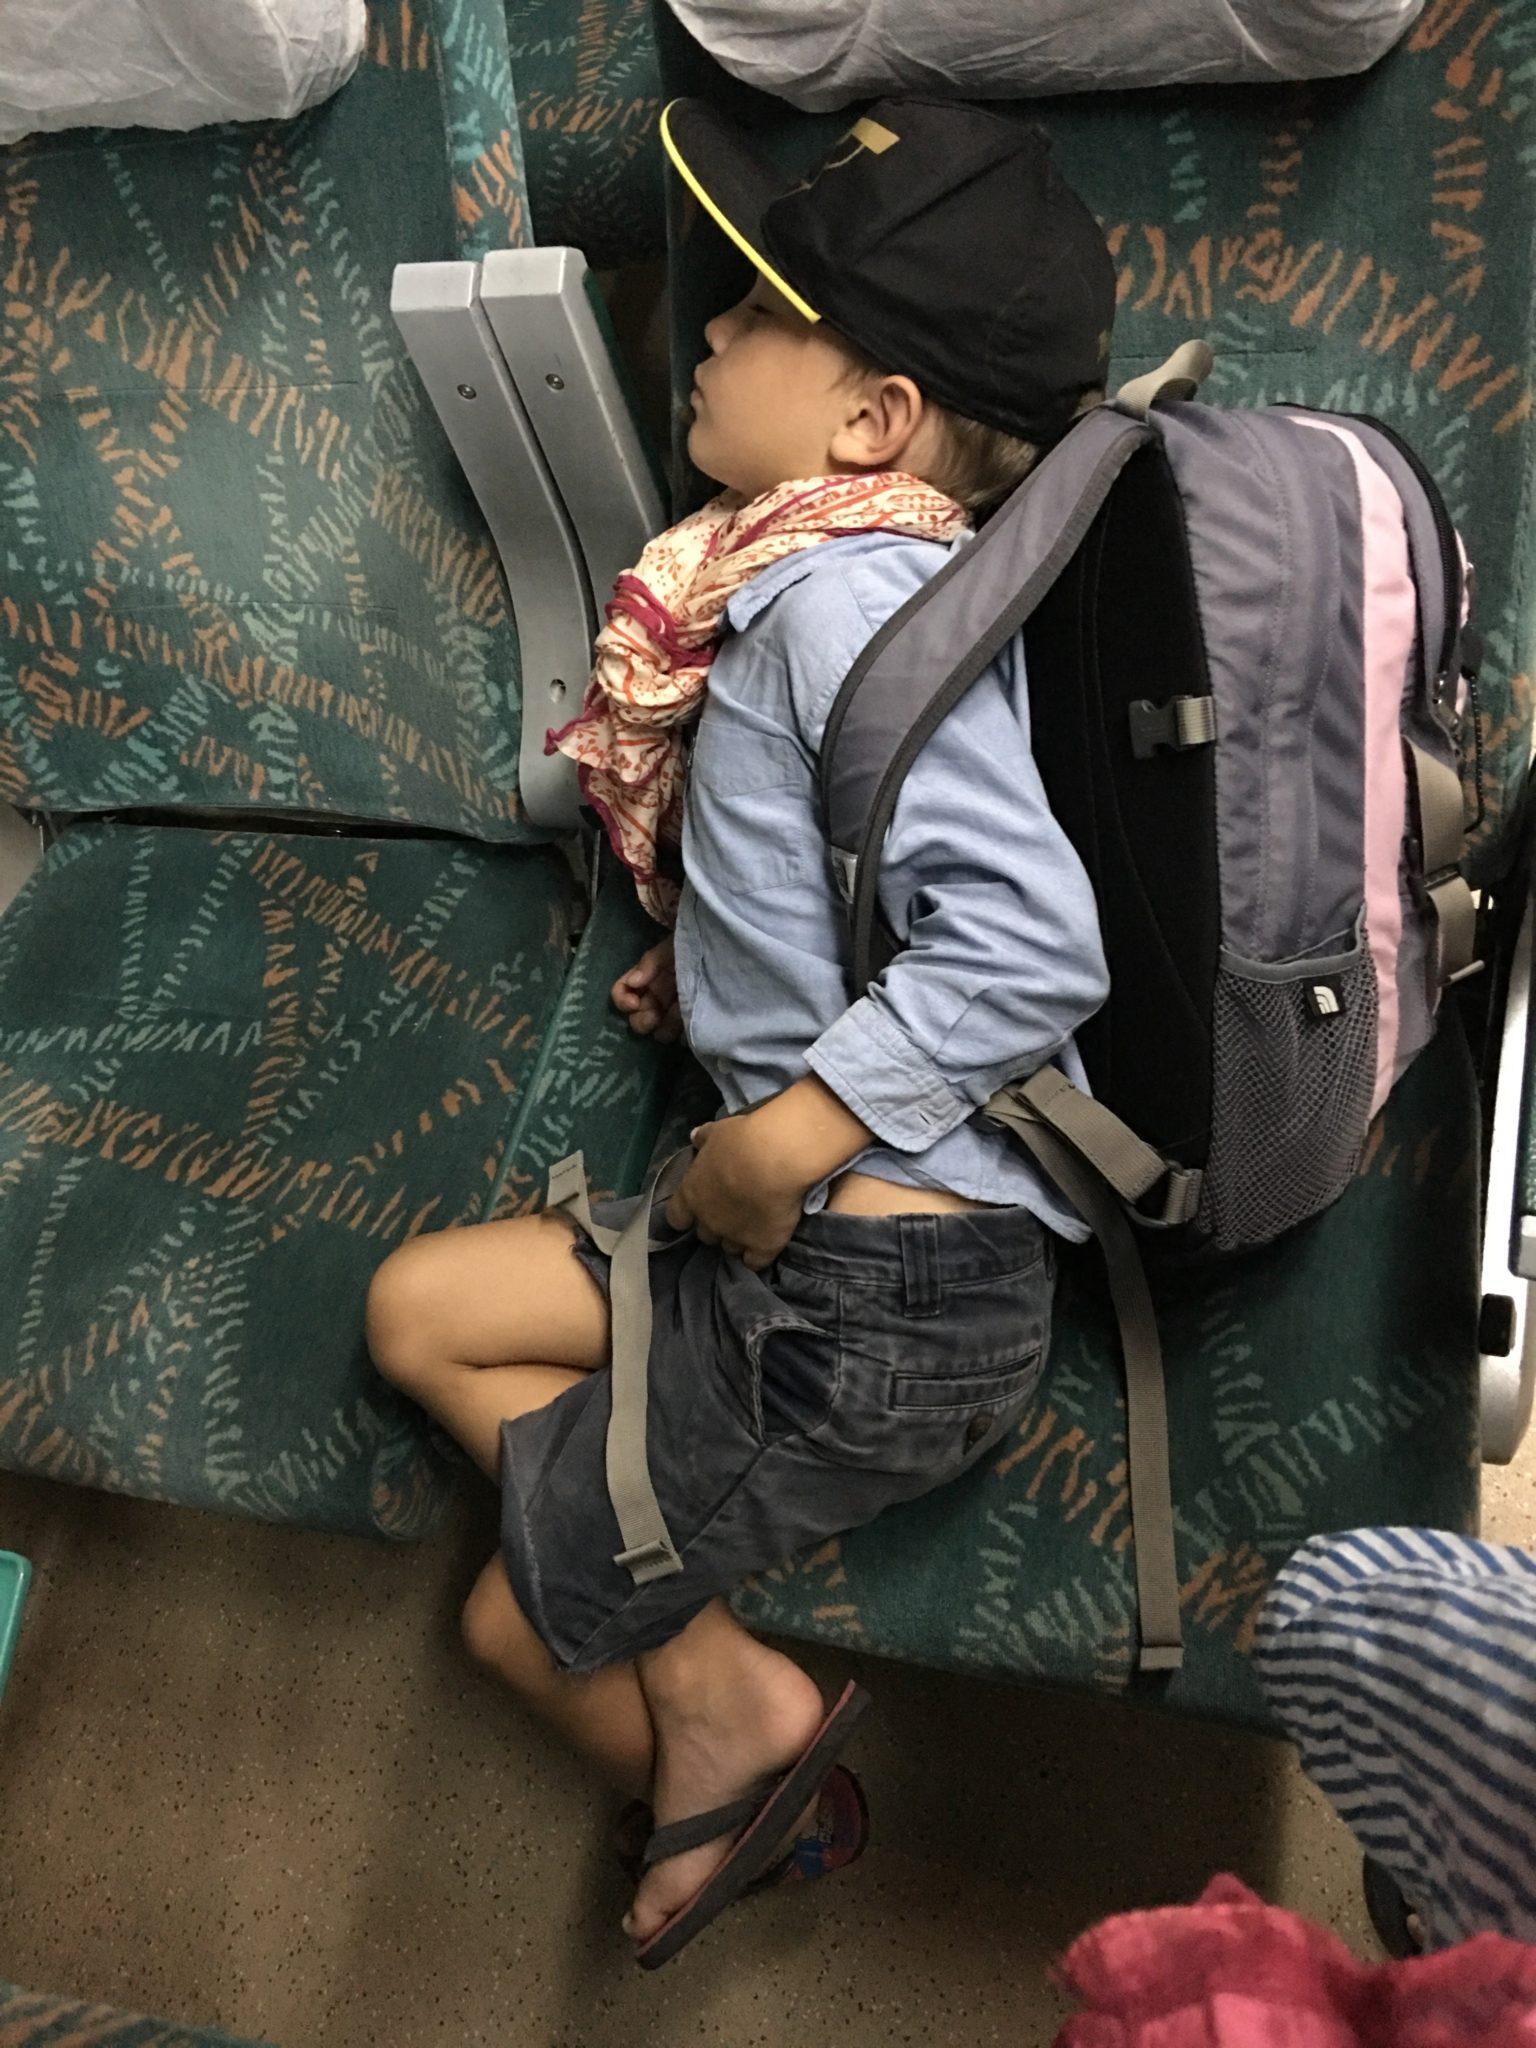 Moi! 5 Minuten vor Ankunft beim Eintuckern in den Bahnhof von Jaipur mit schon geschulterem Rucksack eingeschlafen.